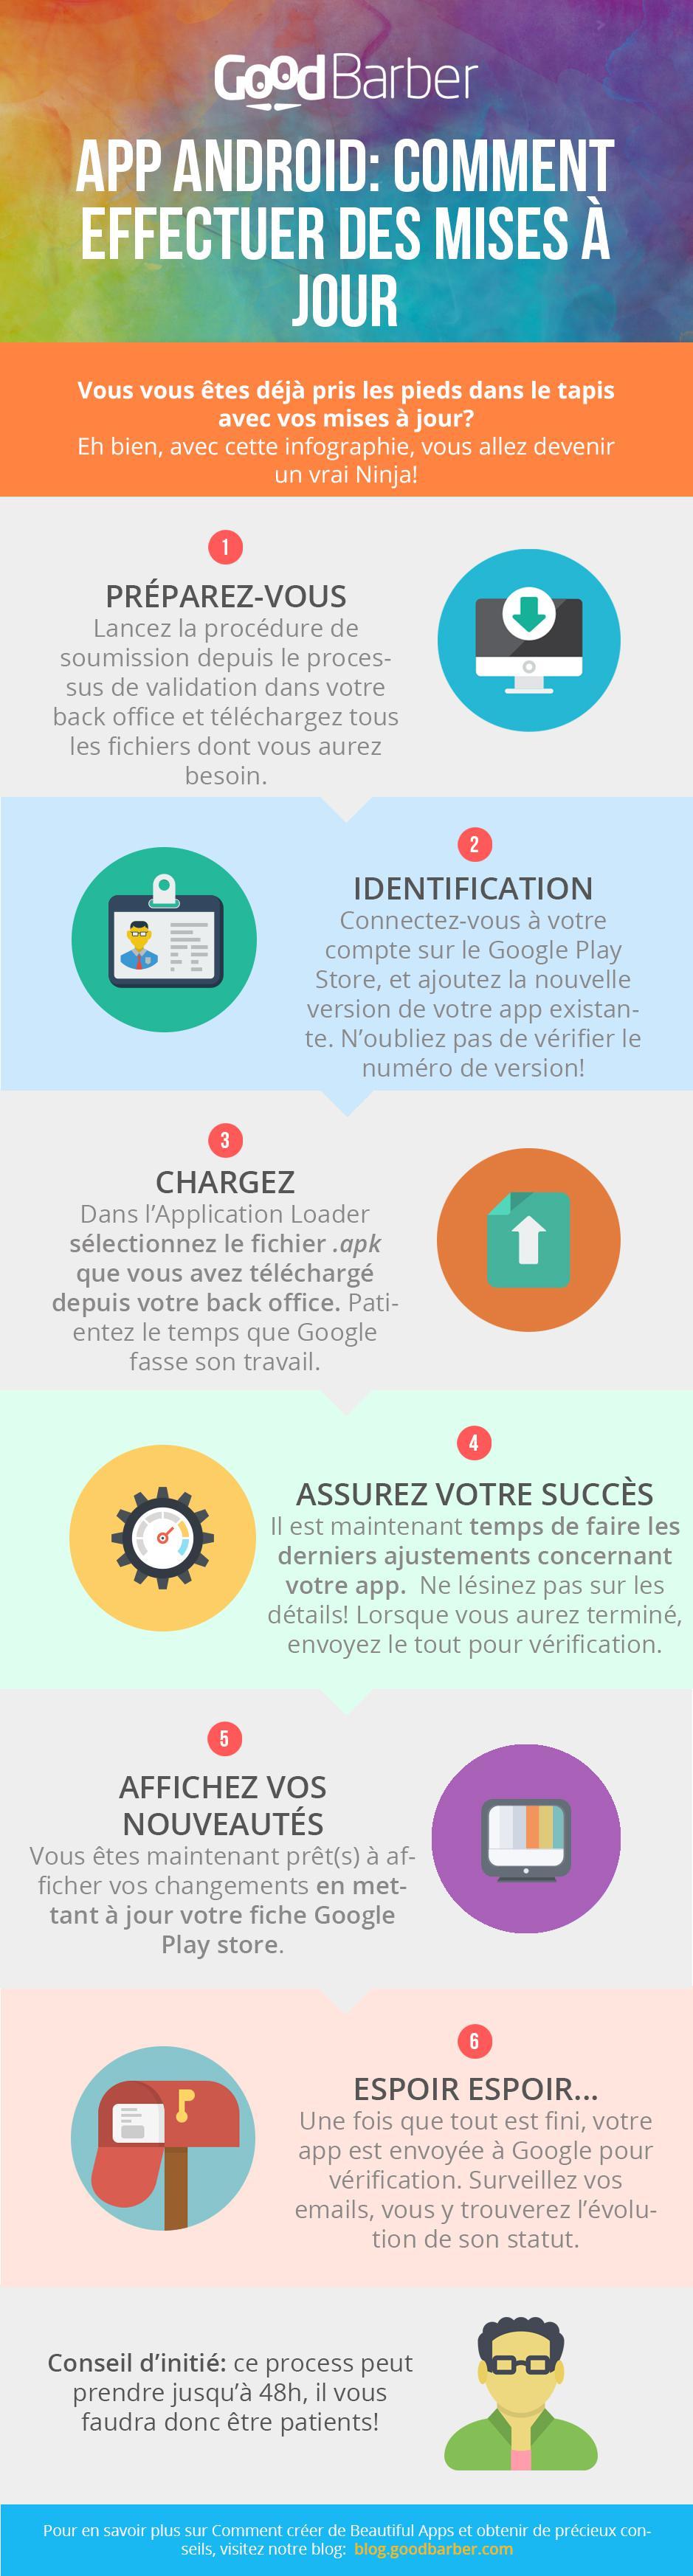 ANDROID APP : Comment réussir votre mise à jour (infographie)